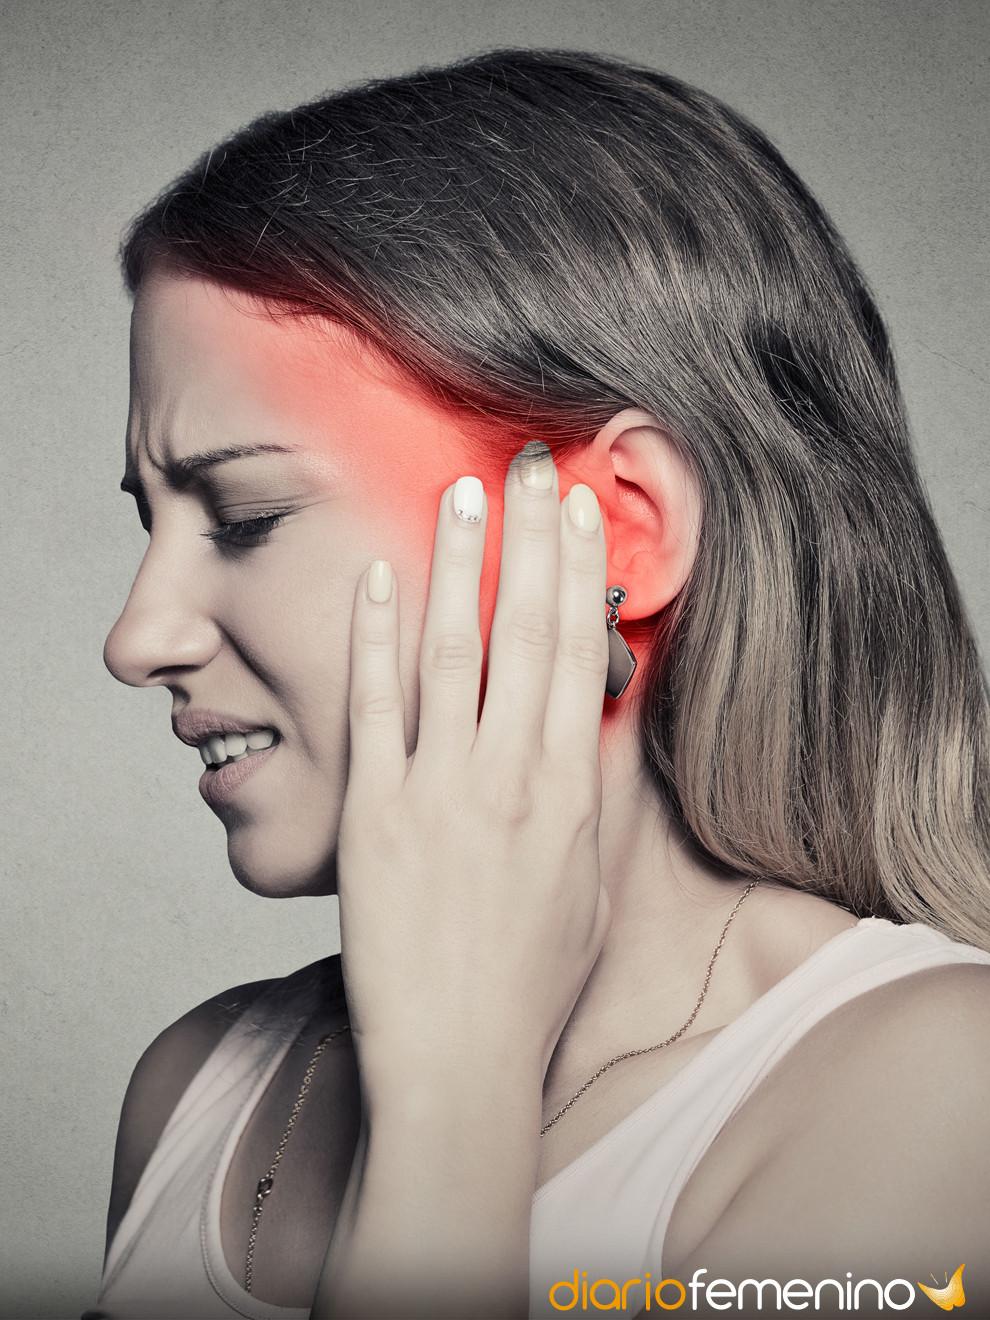 la infección del oído puede mejorar por sí sola